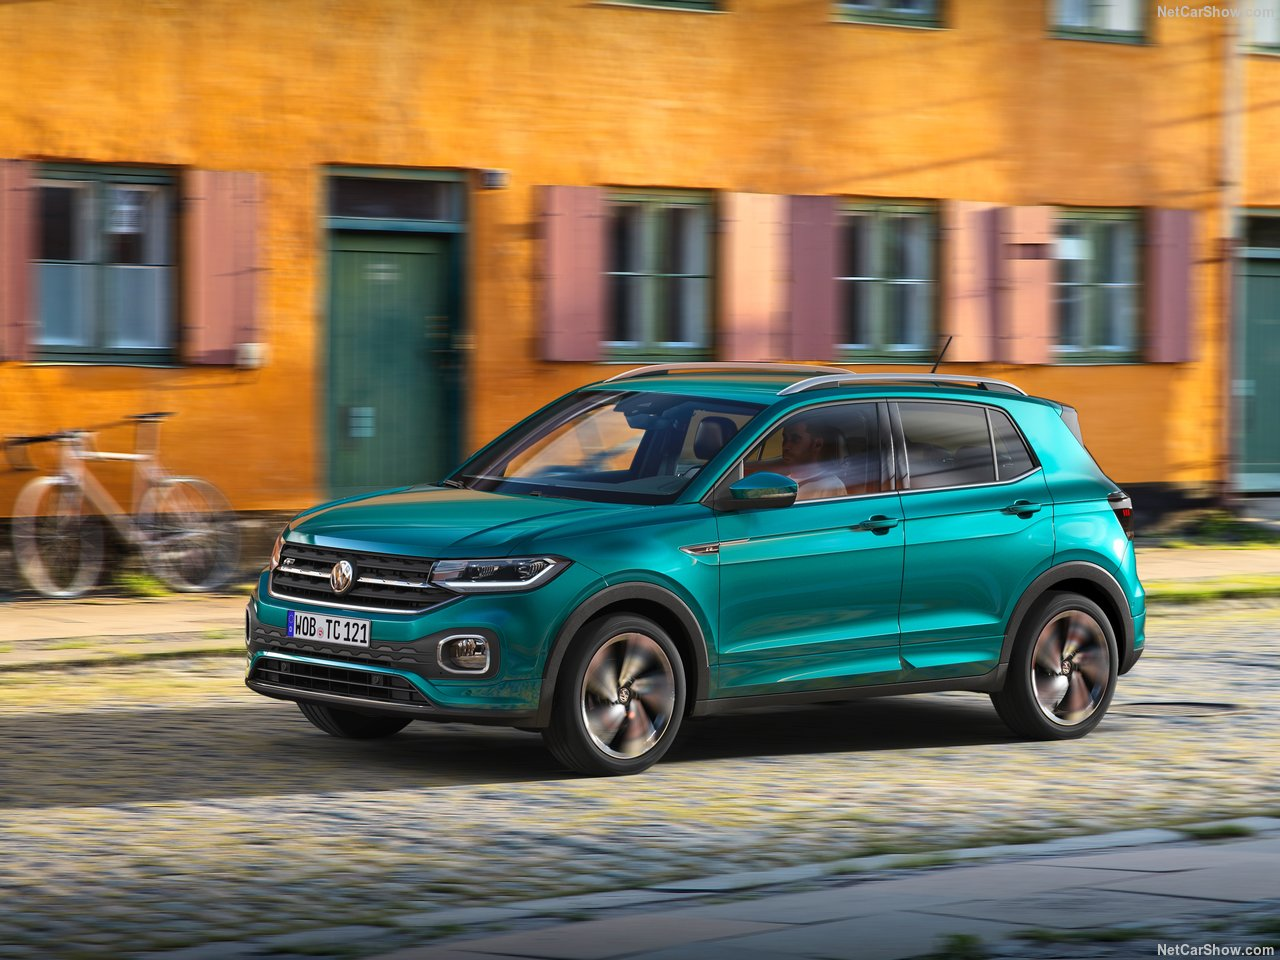 VW er nu også klar med mini-SUV